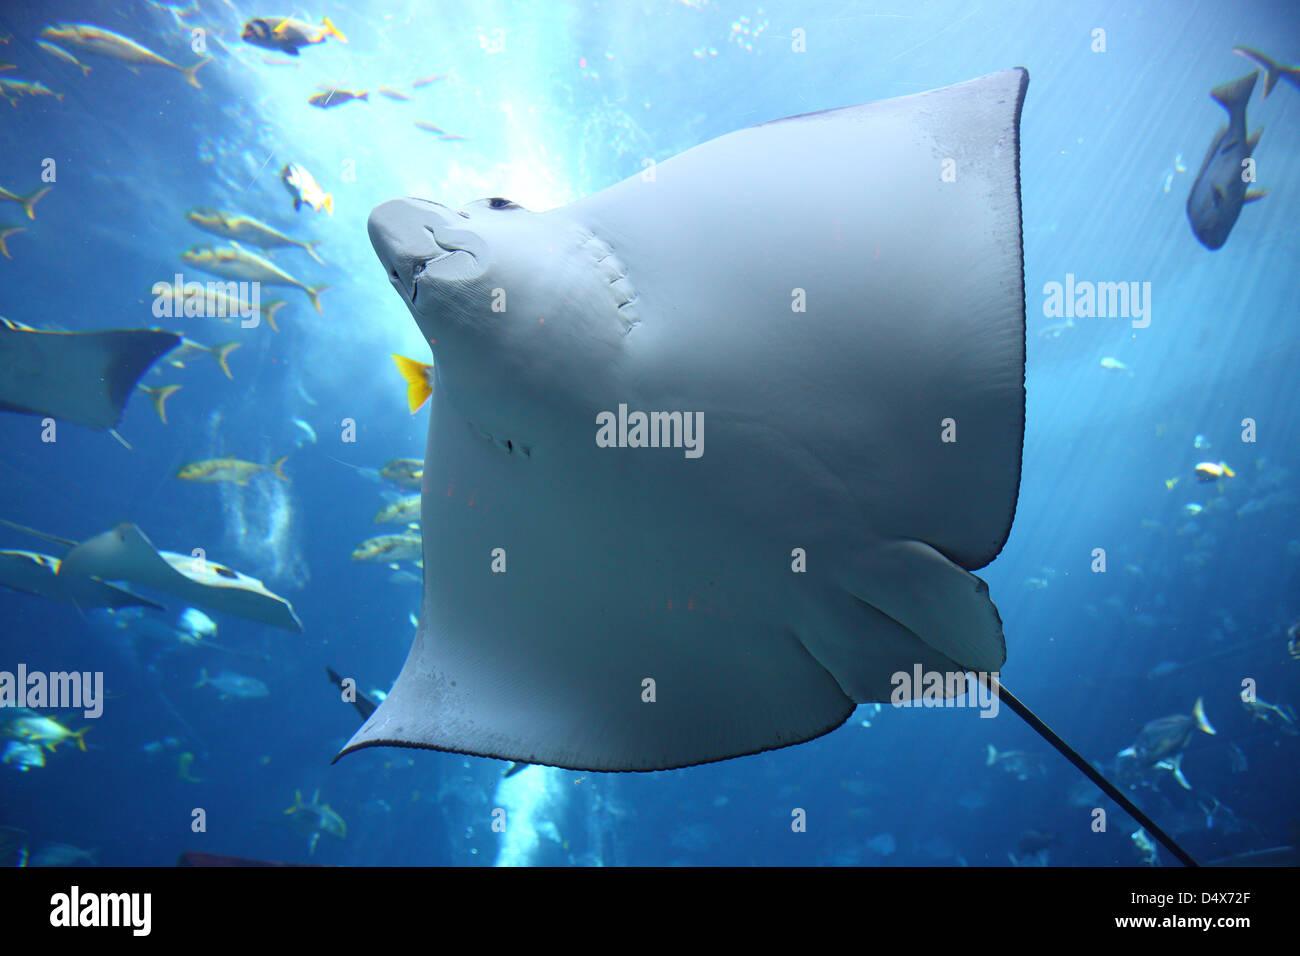 À l'aquarium Atlantis hotel, Dubai, Émirats Arabes Unis Photo Stock